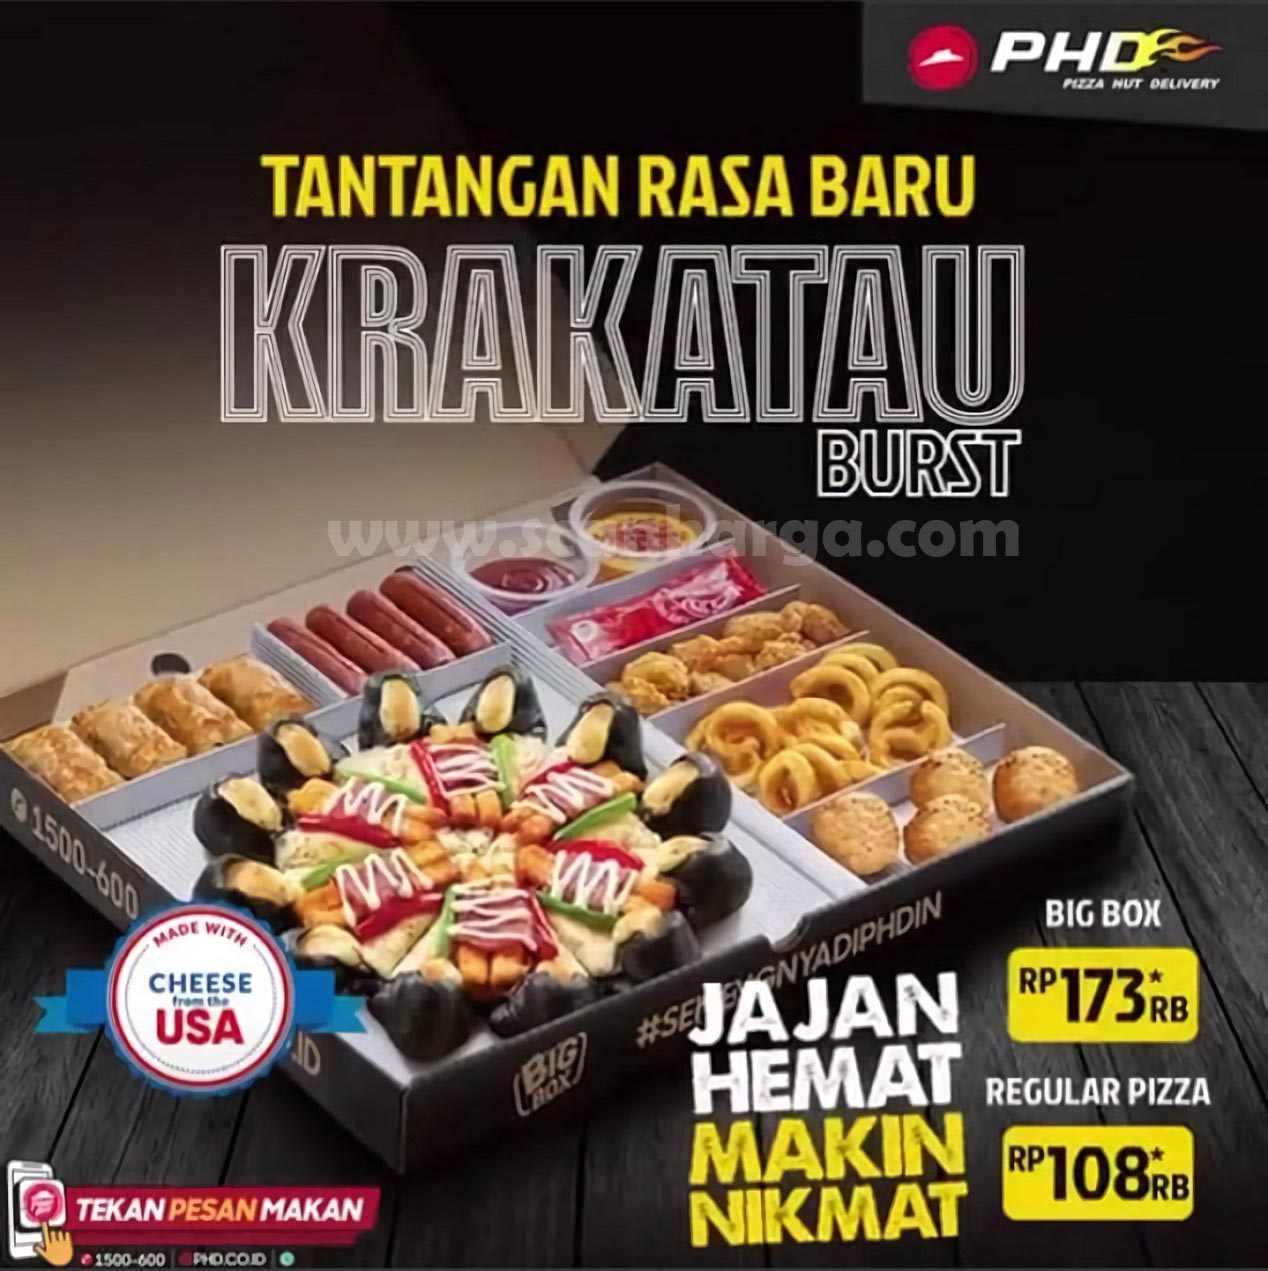 Pizza Hut Delivery [PHD] Krakatau Burst - harga Big Box Rp 173*Rb & Reguler mulai Rp 108*rb